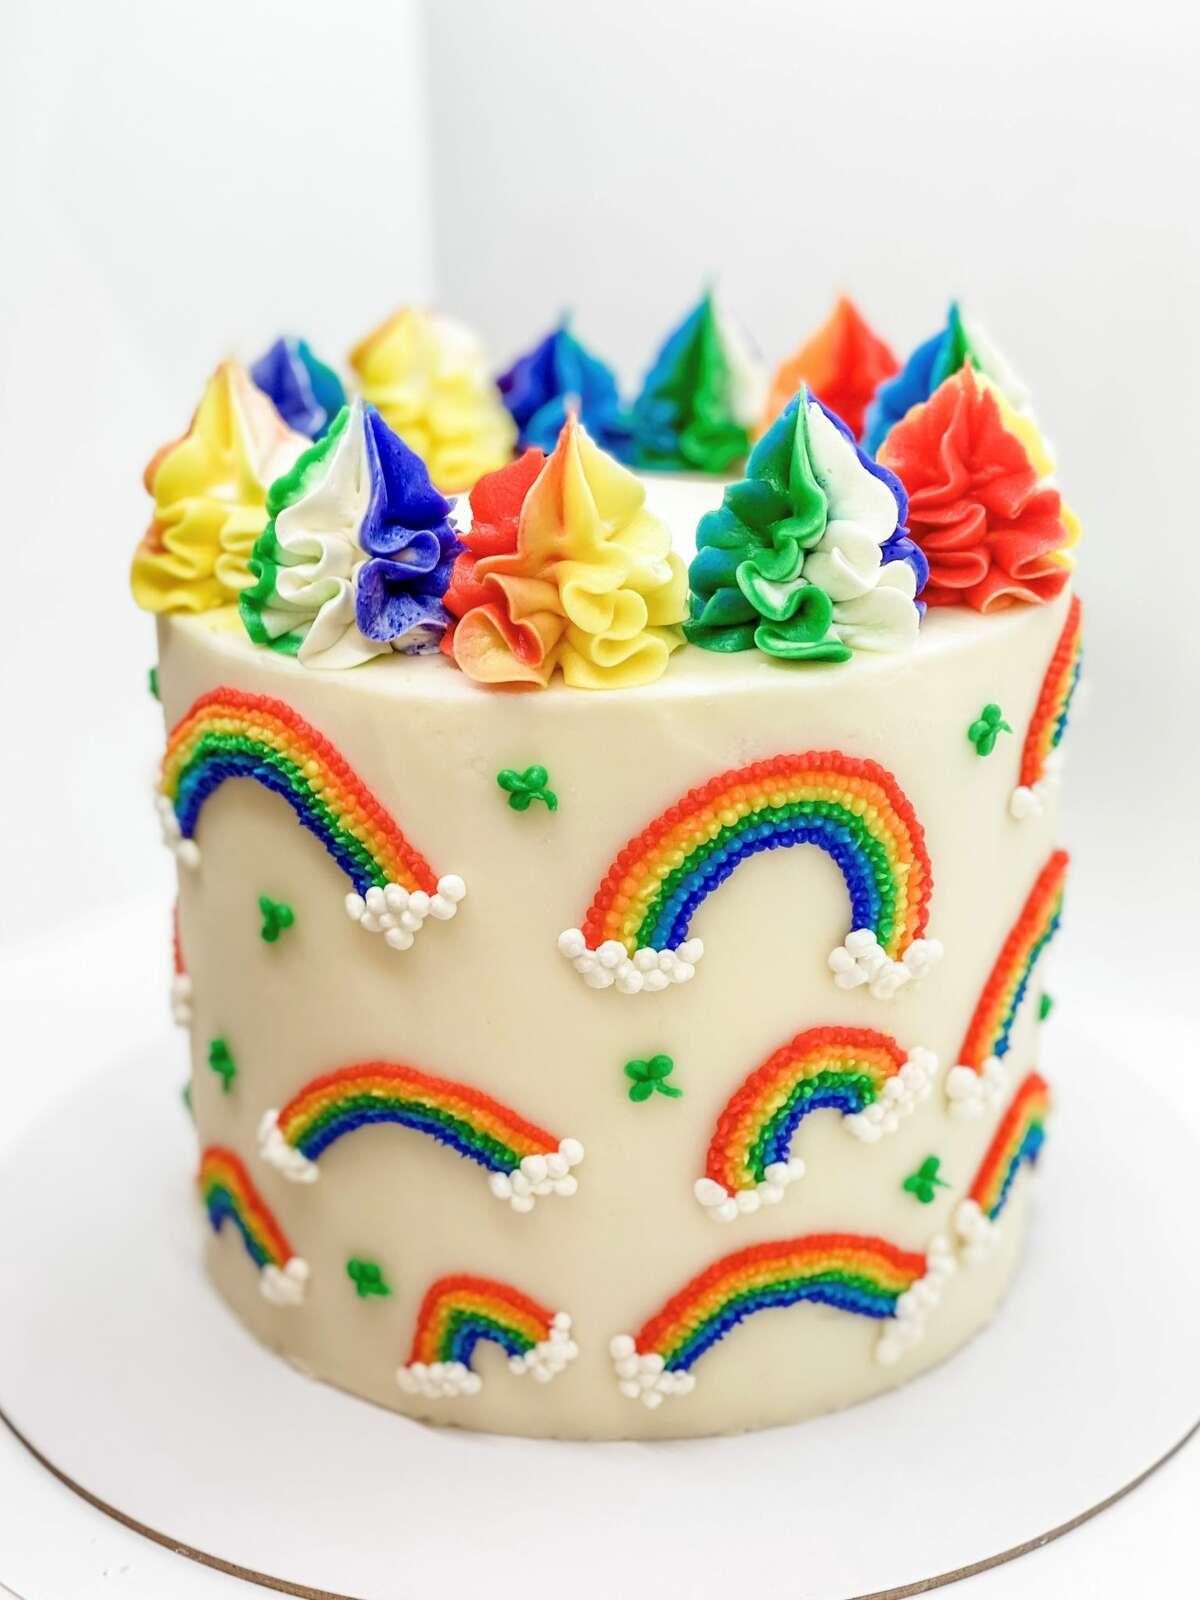 A custom rainbow cake from Cakes on 28th